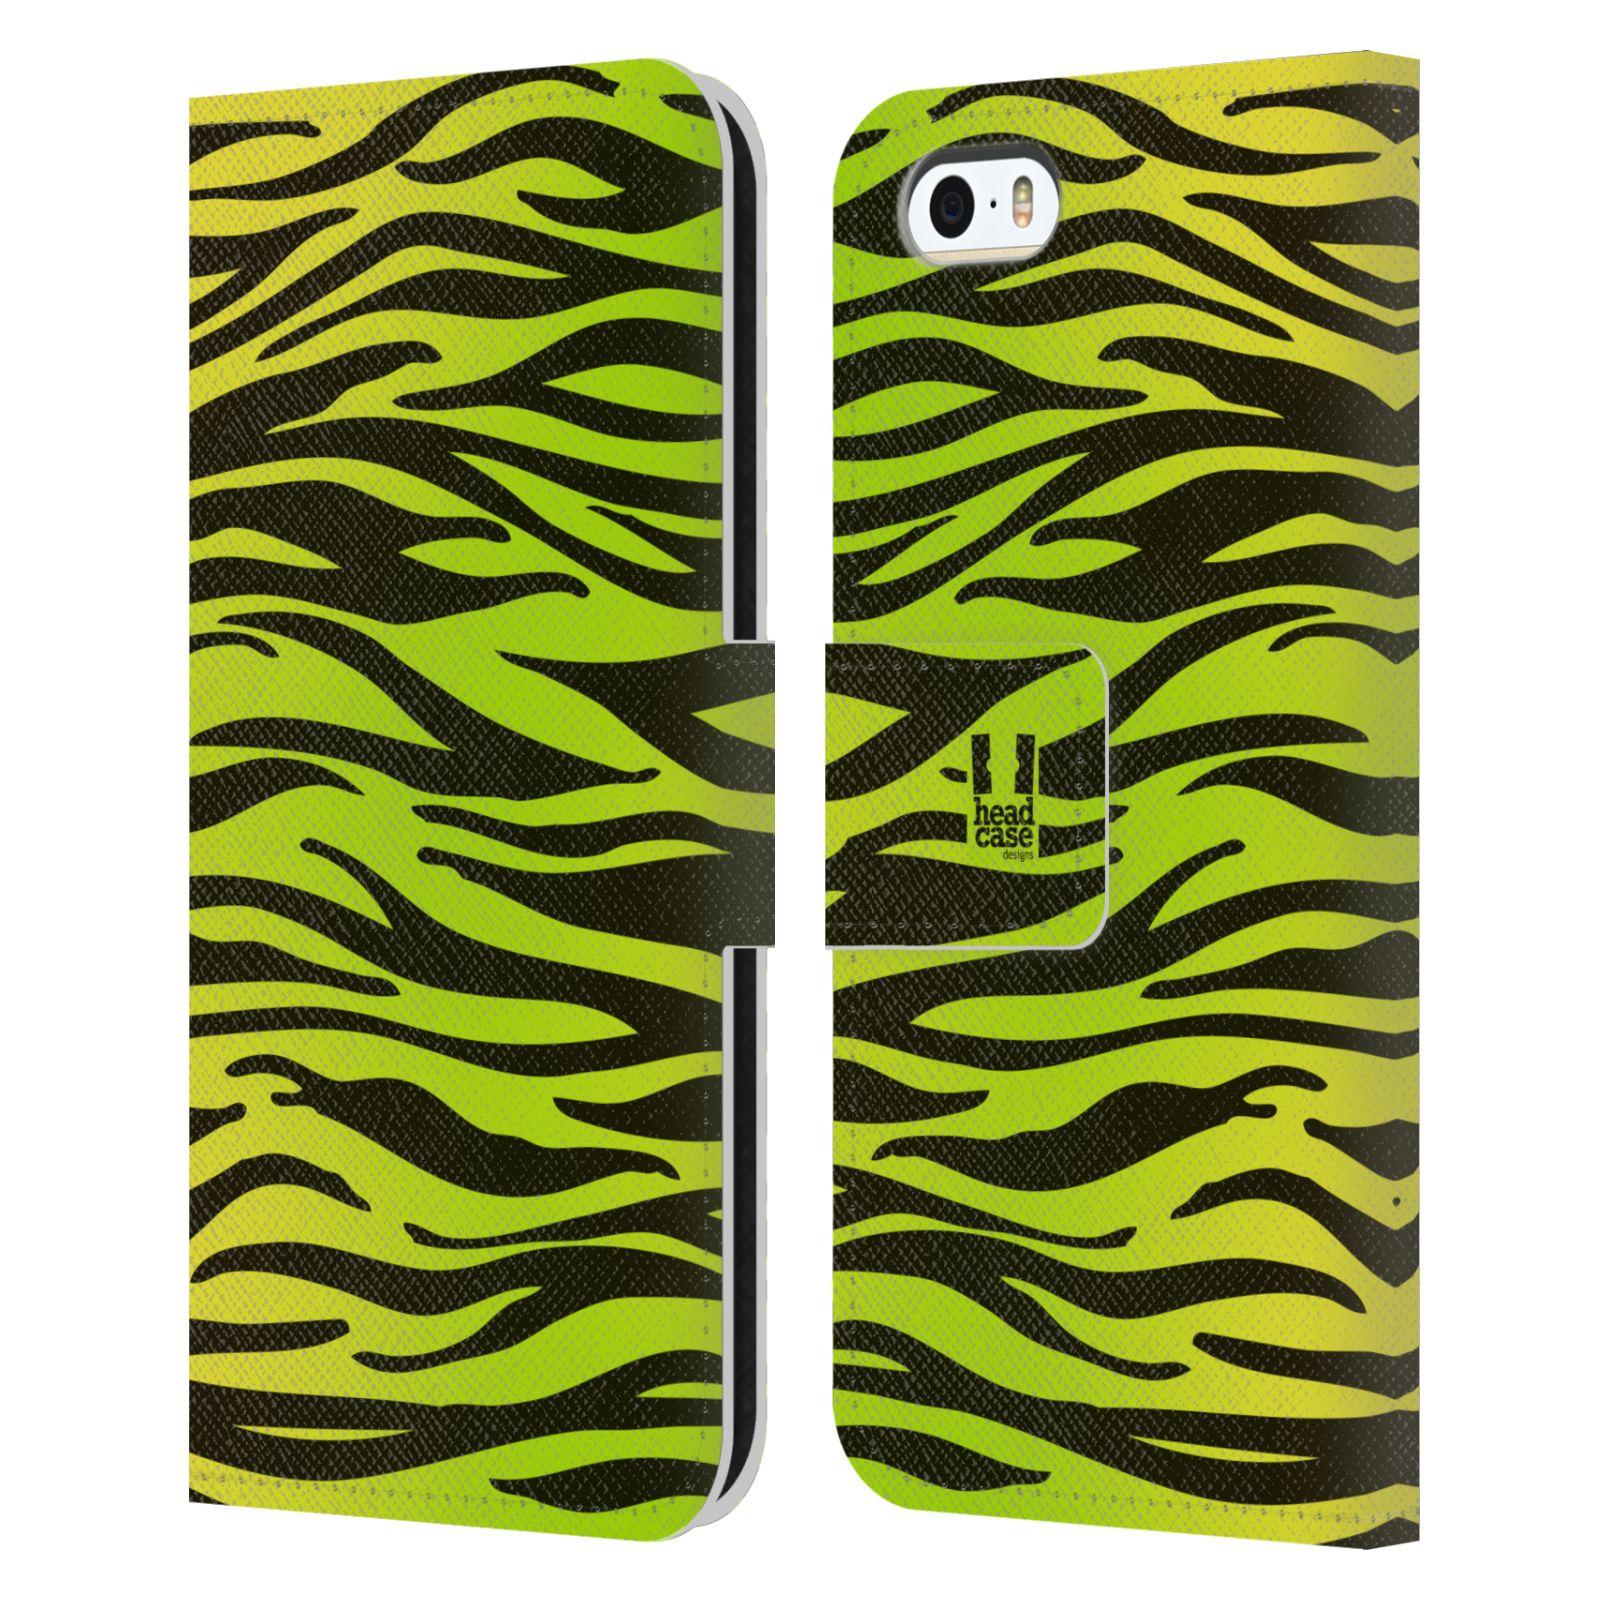 HEAD CASE Flipové pouzdro pro mobil Apple Iphone 5/5s Zvířecí barevné vzory žlutozelená zebra